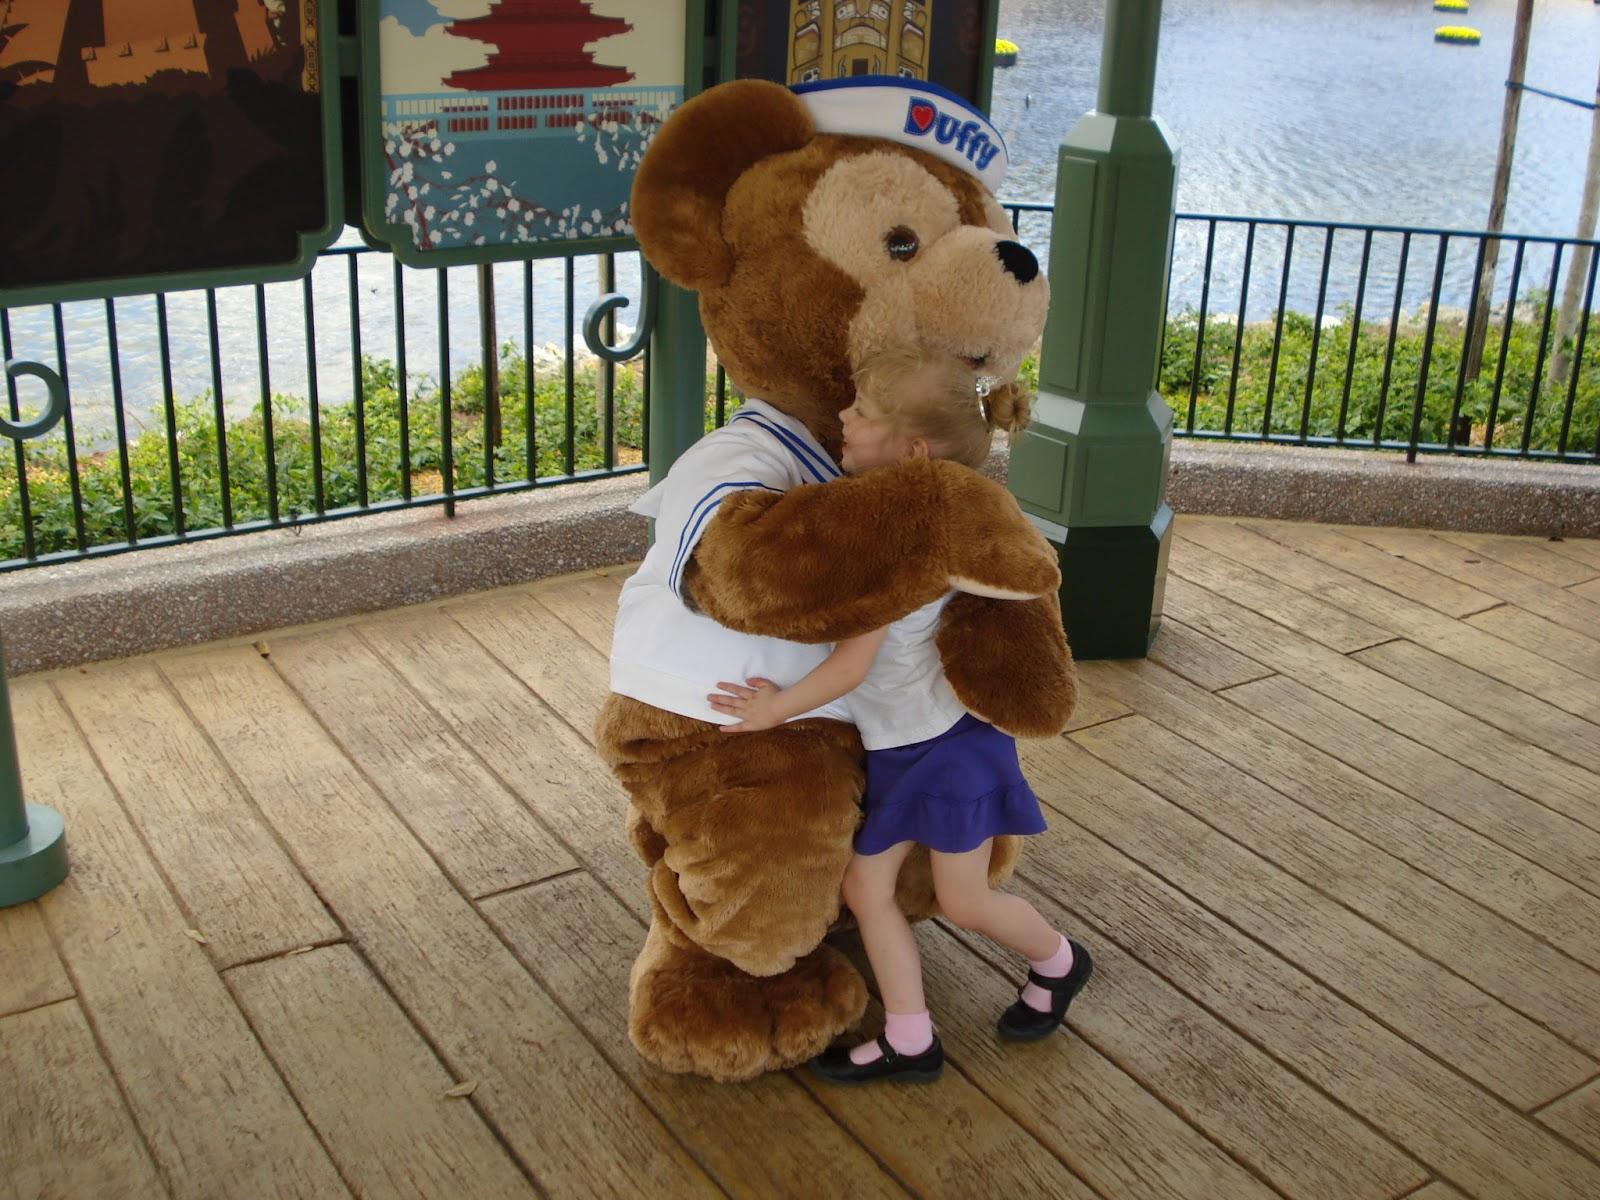 Duffy hug - one of my favorite memories!